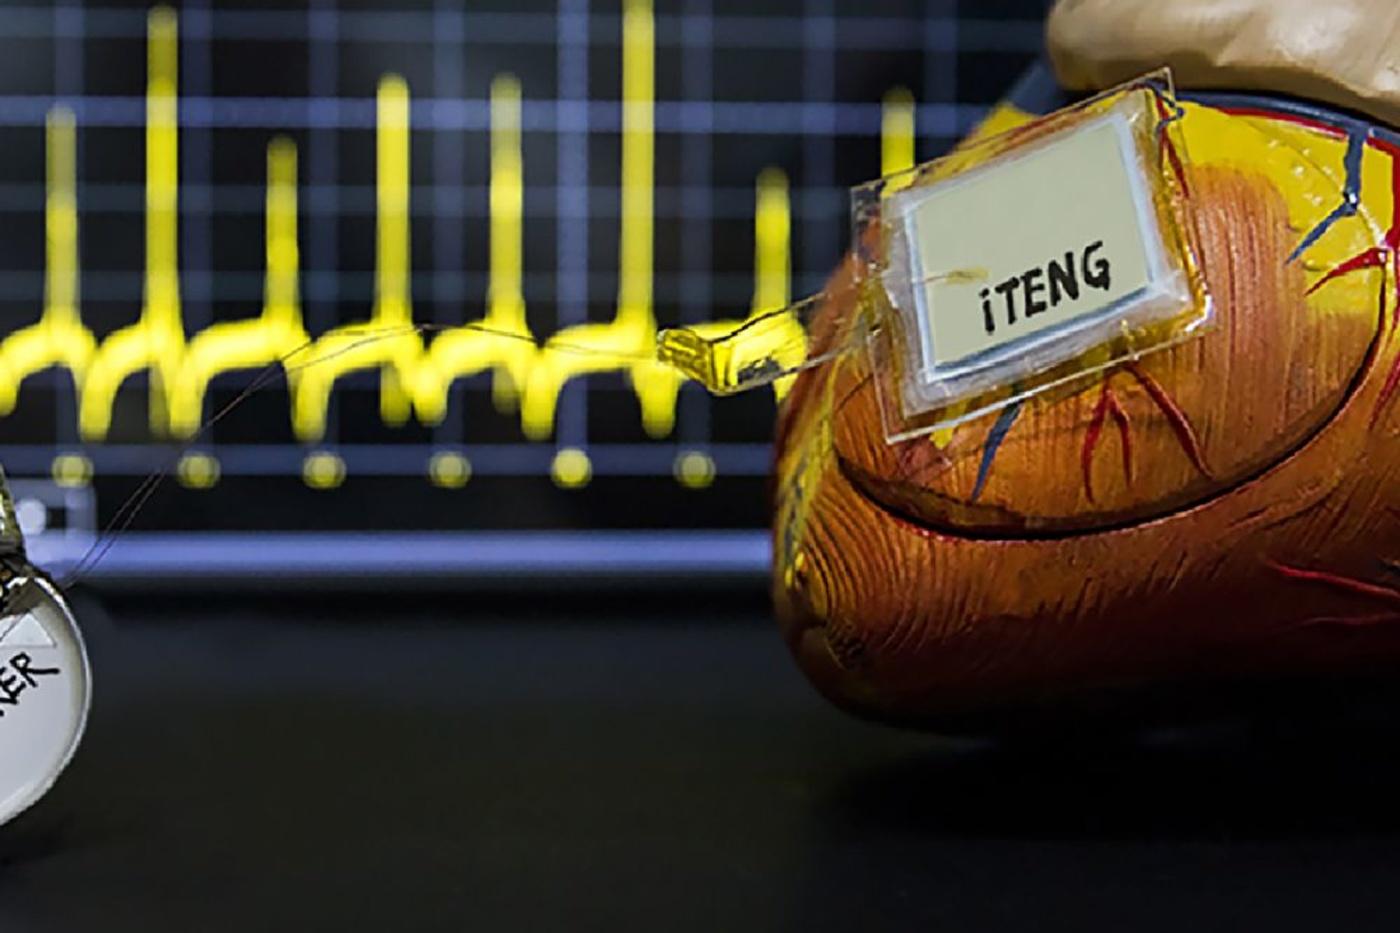 Photo fournie par le service presse de la revue Nature. Elle montre le stimulateur cardiaque symbiotique (dispositif sans pile), capable de générer sa propre énergie à partir des battements du coeur pour alimenter un stimulateur cardiaque. Le dispositif implantable, qui a été démontré chez des porcs adultes, était également capable de corriger l'arythmie sinusale, AFP